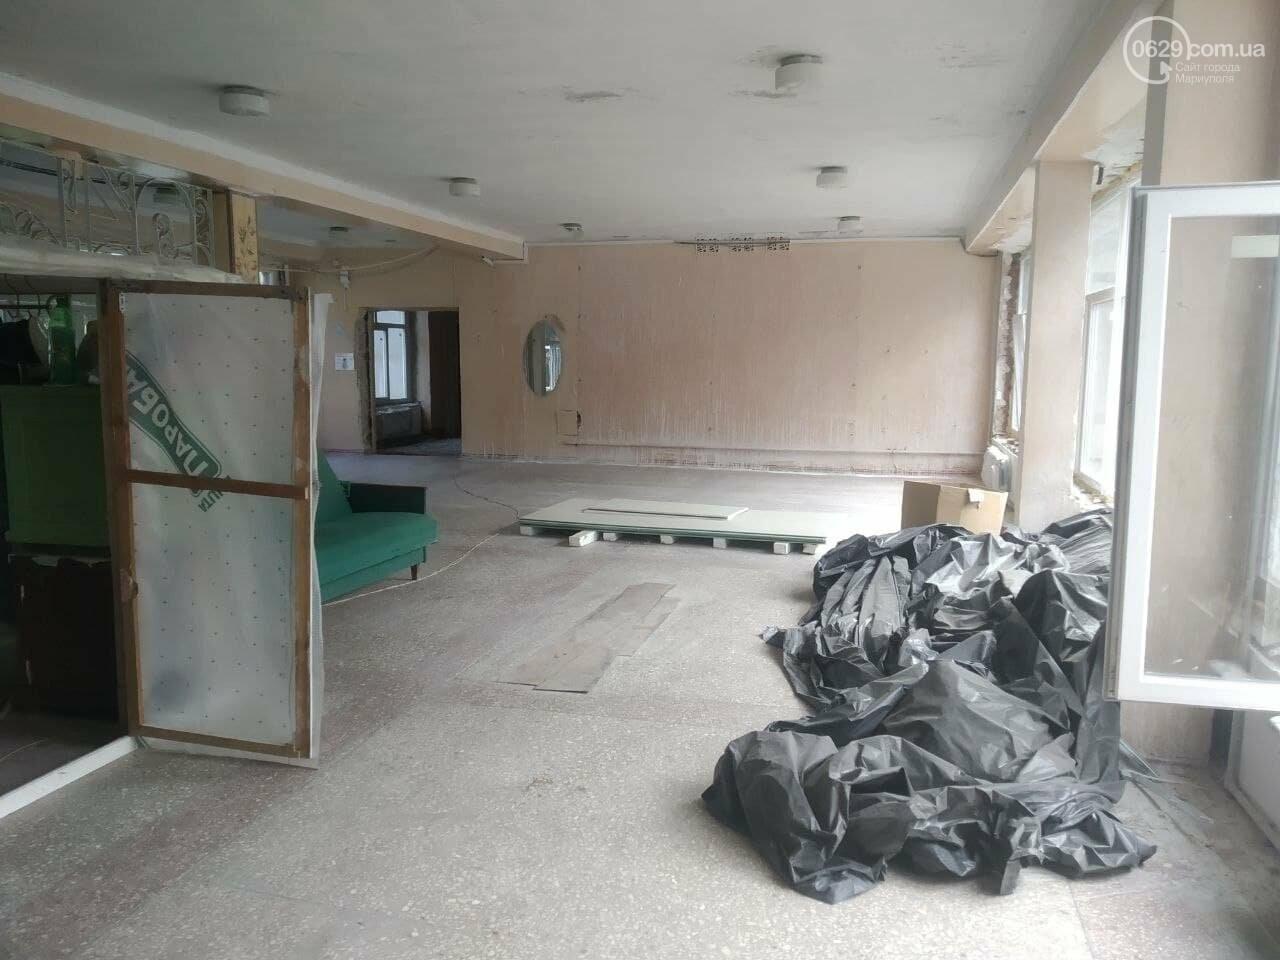 Просроченный подарок. Что случилось в 27 школе в Мариуполе, - ФОТО, ВИДЕО, фото-10